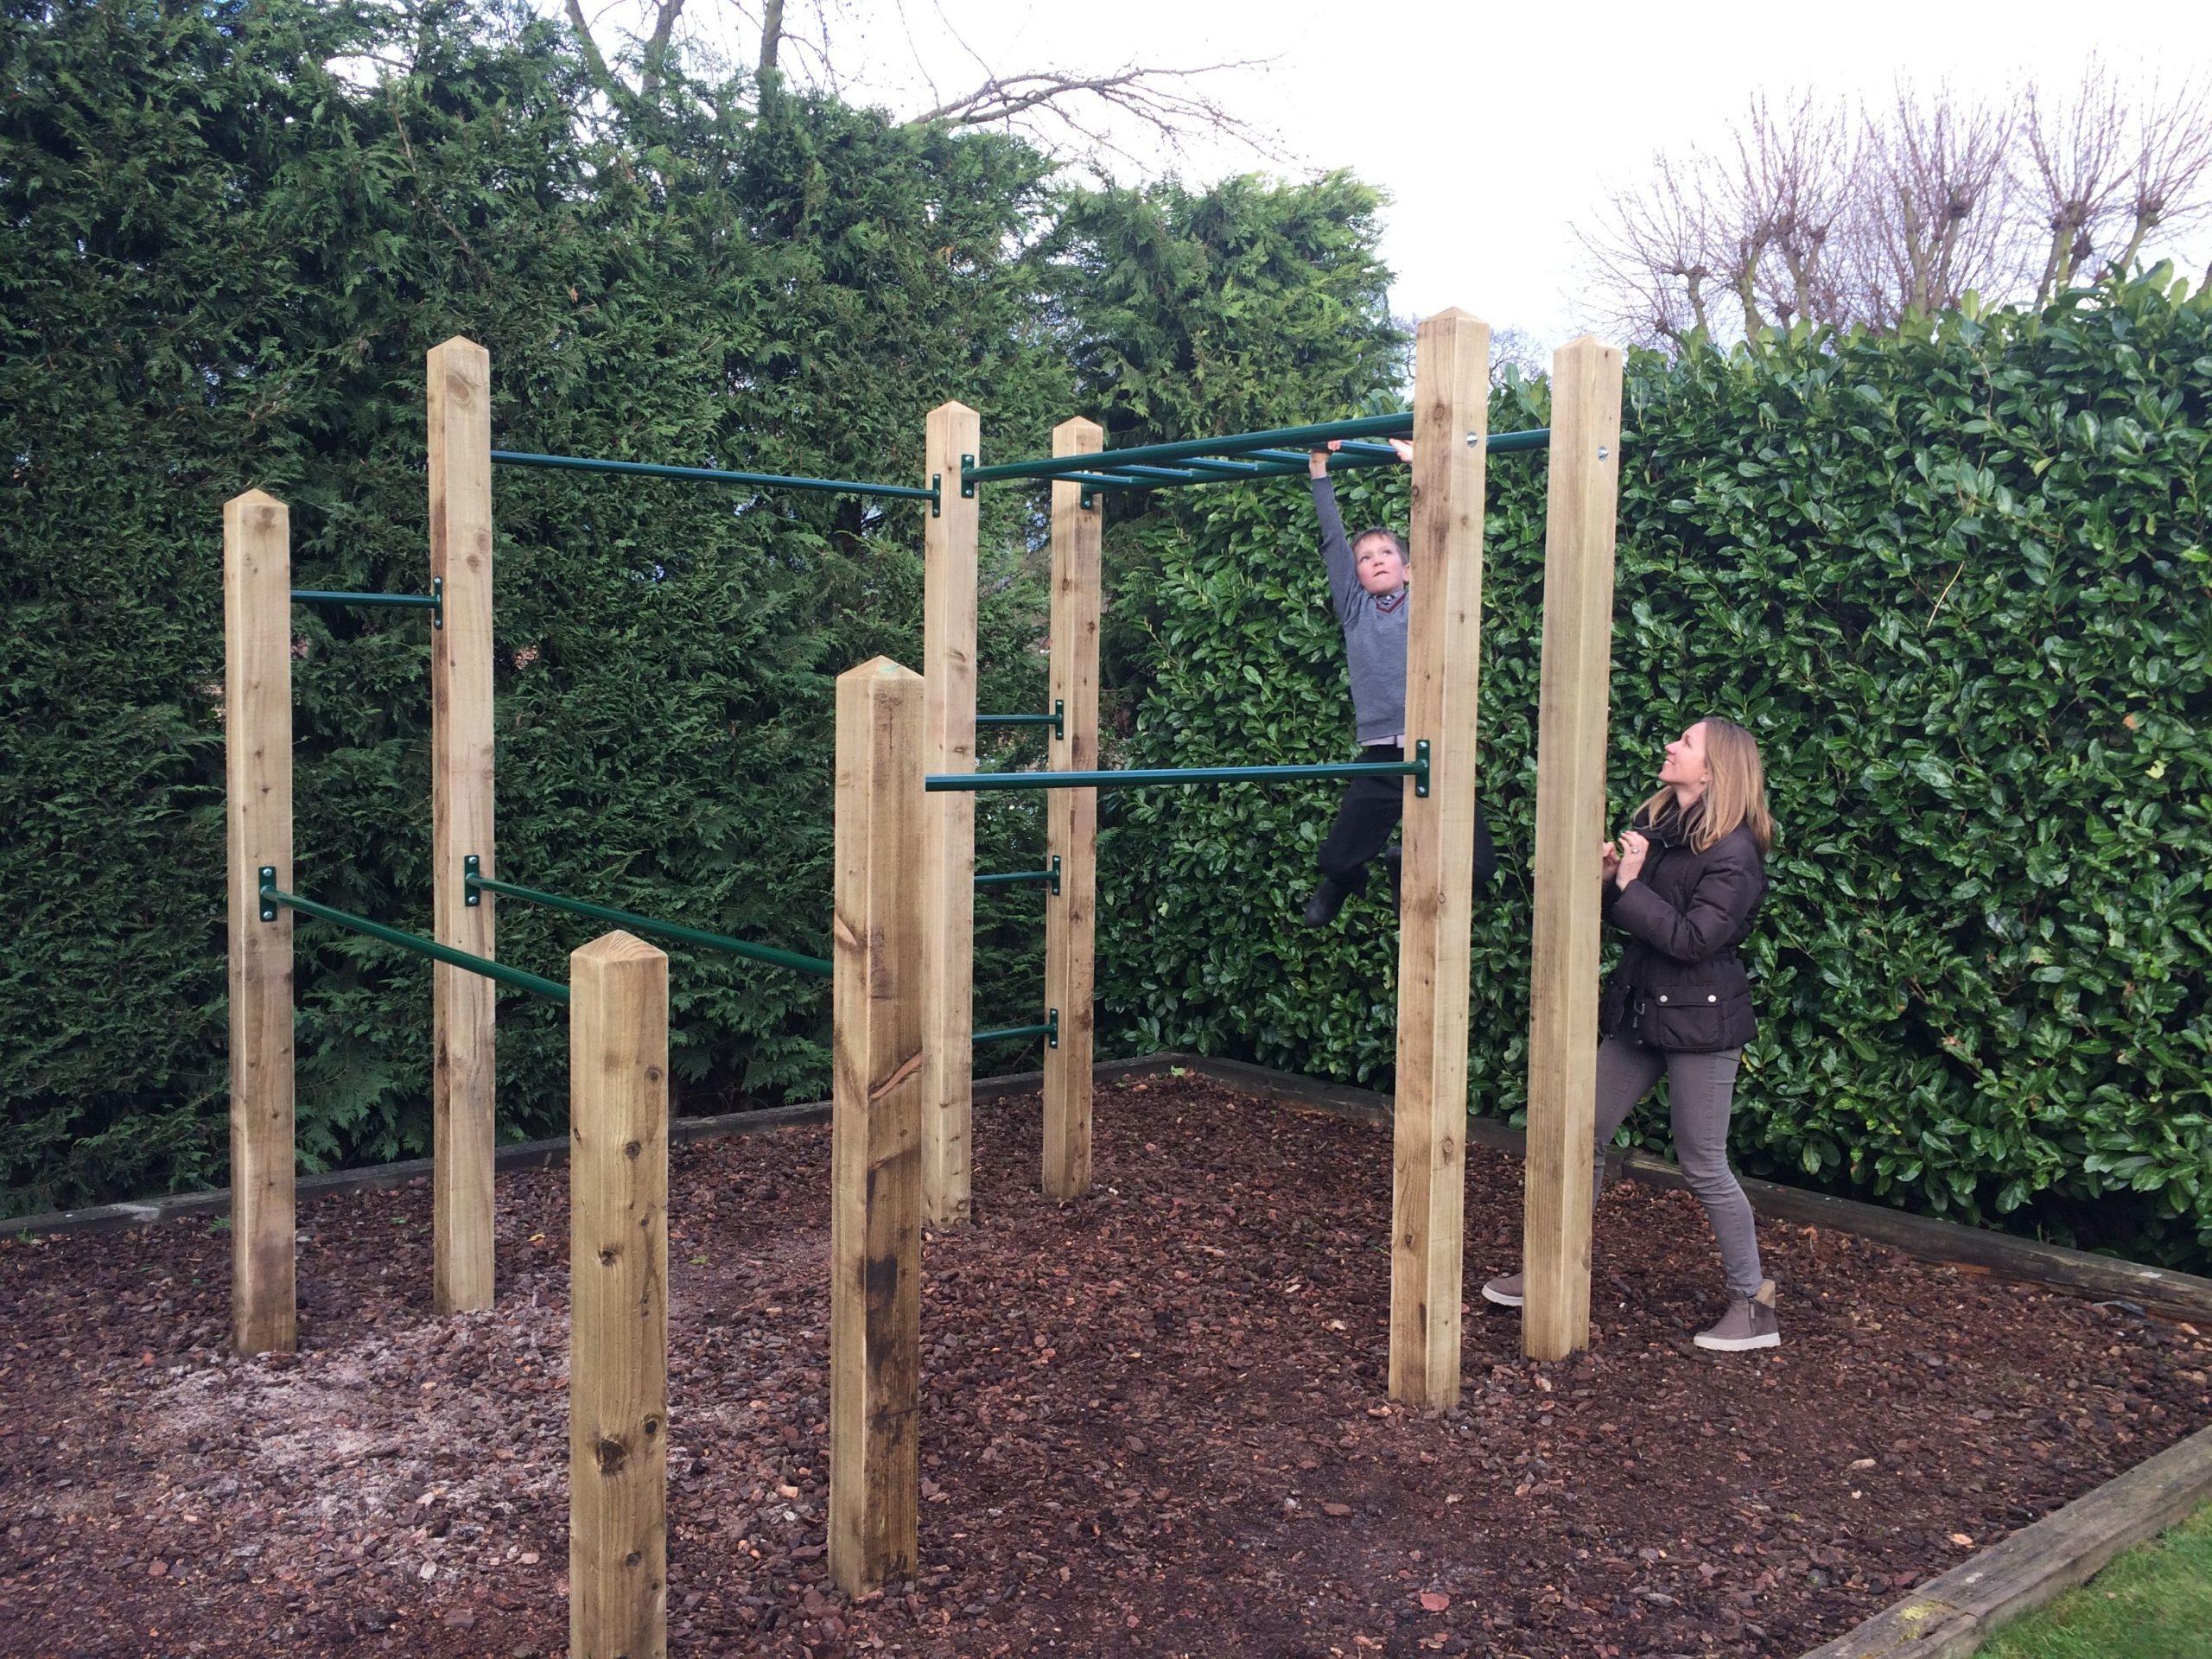 Idée Par Teddy Ted0X Sur Workout Equipment | Aire De Jeux ... encequiconcerne Barre De Gymnastique Pour Jardin